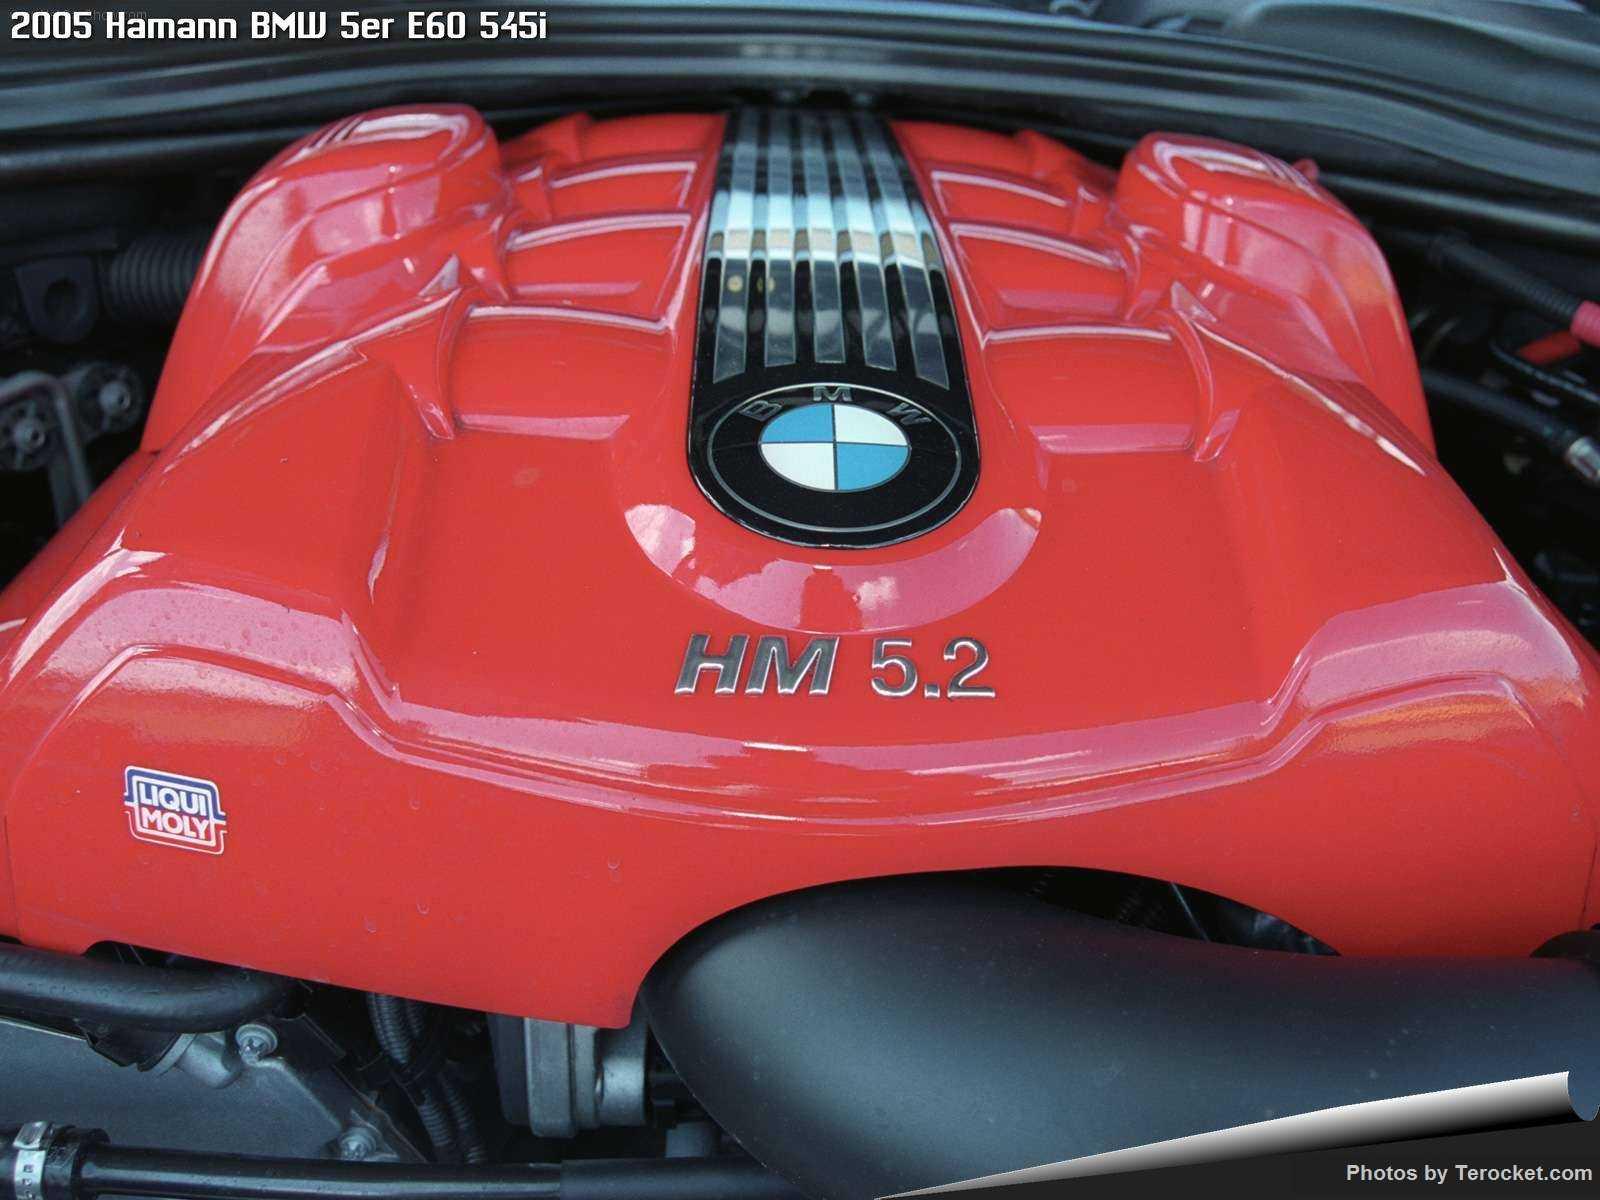 Hình ảnh xe ô tô Hamann BMW 5er E60 545i 2005 & nội ngoại thất